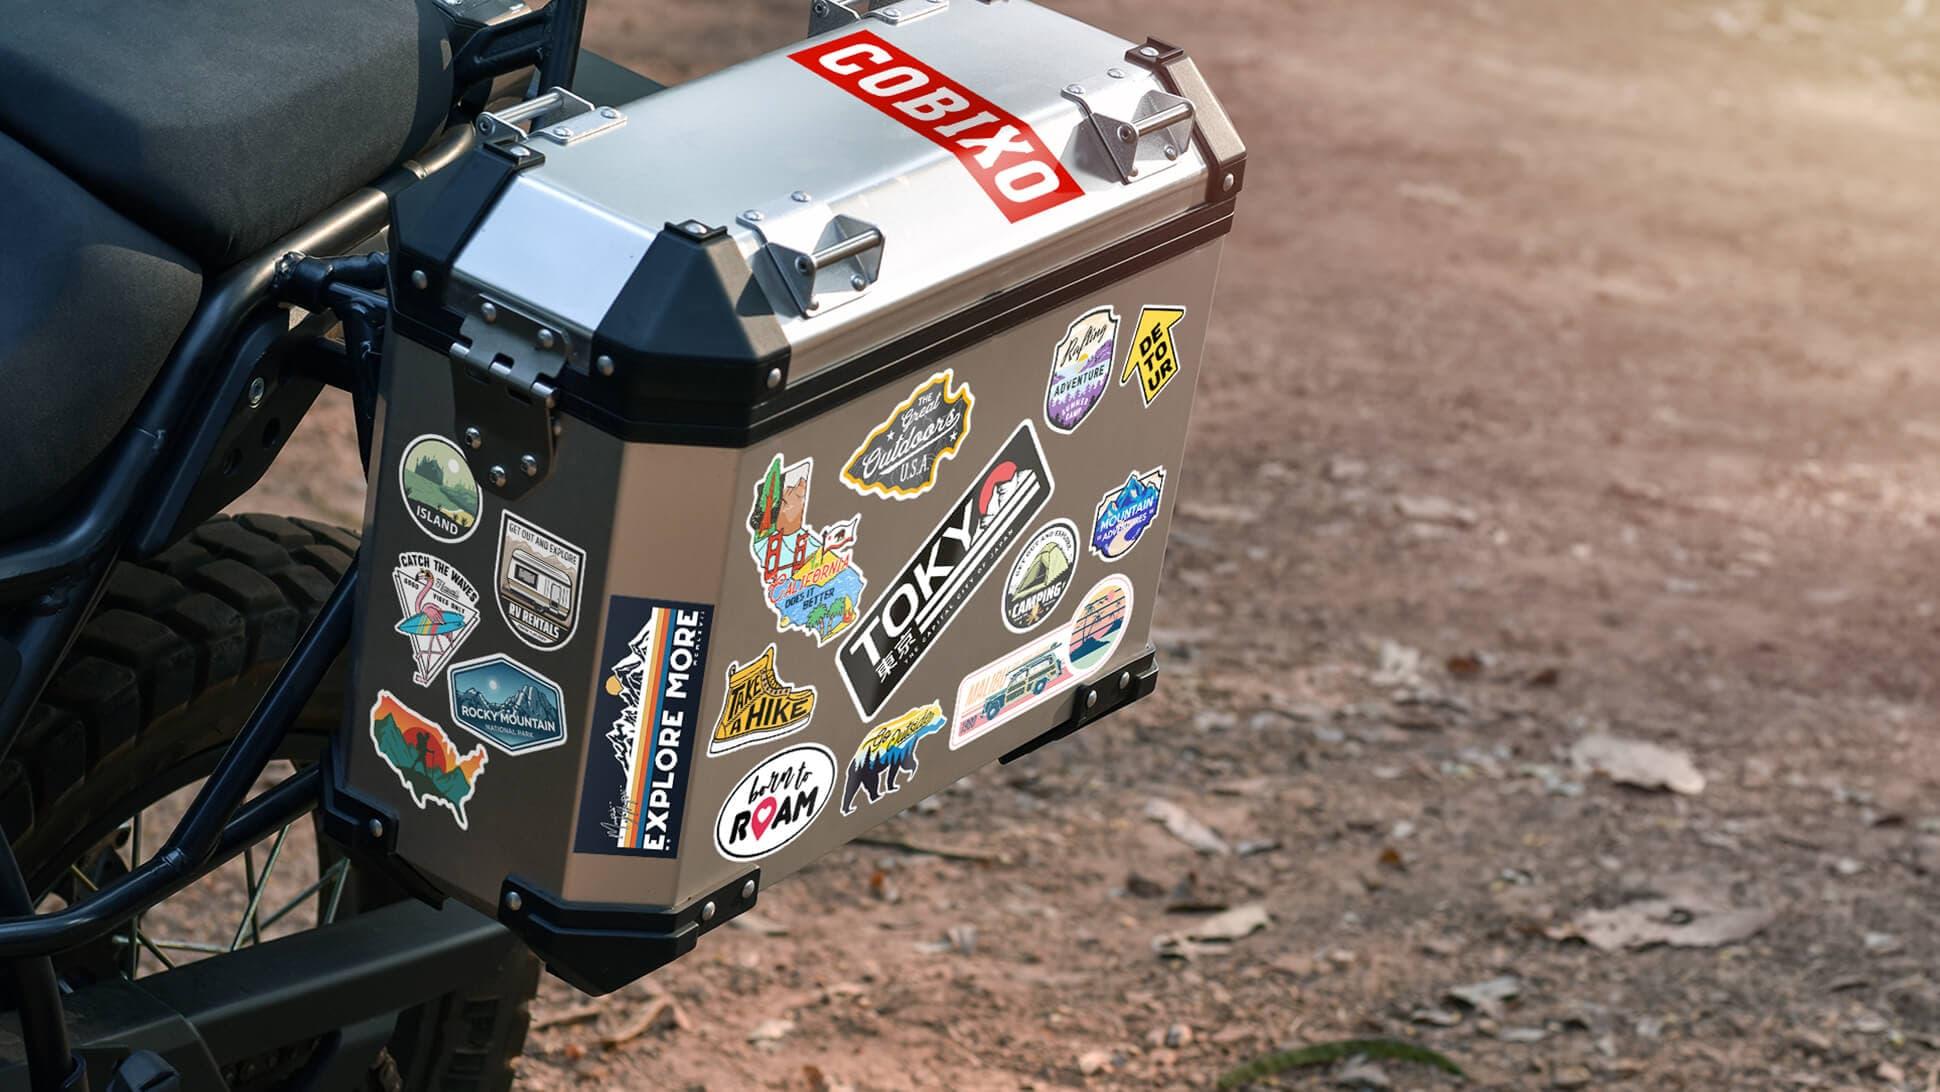 Sticker adesivi di viaggi e località turistiche personalizzabili per moto e auto | tictac.it